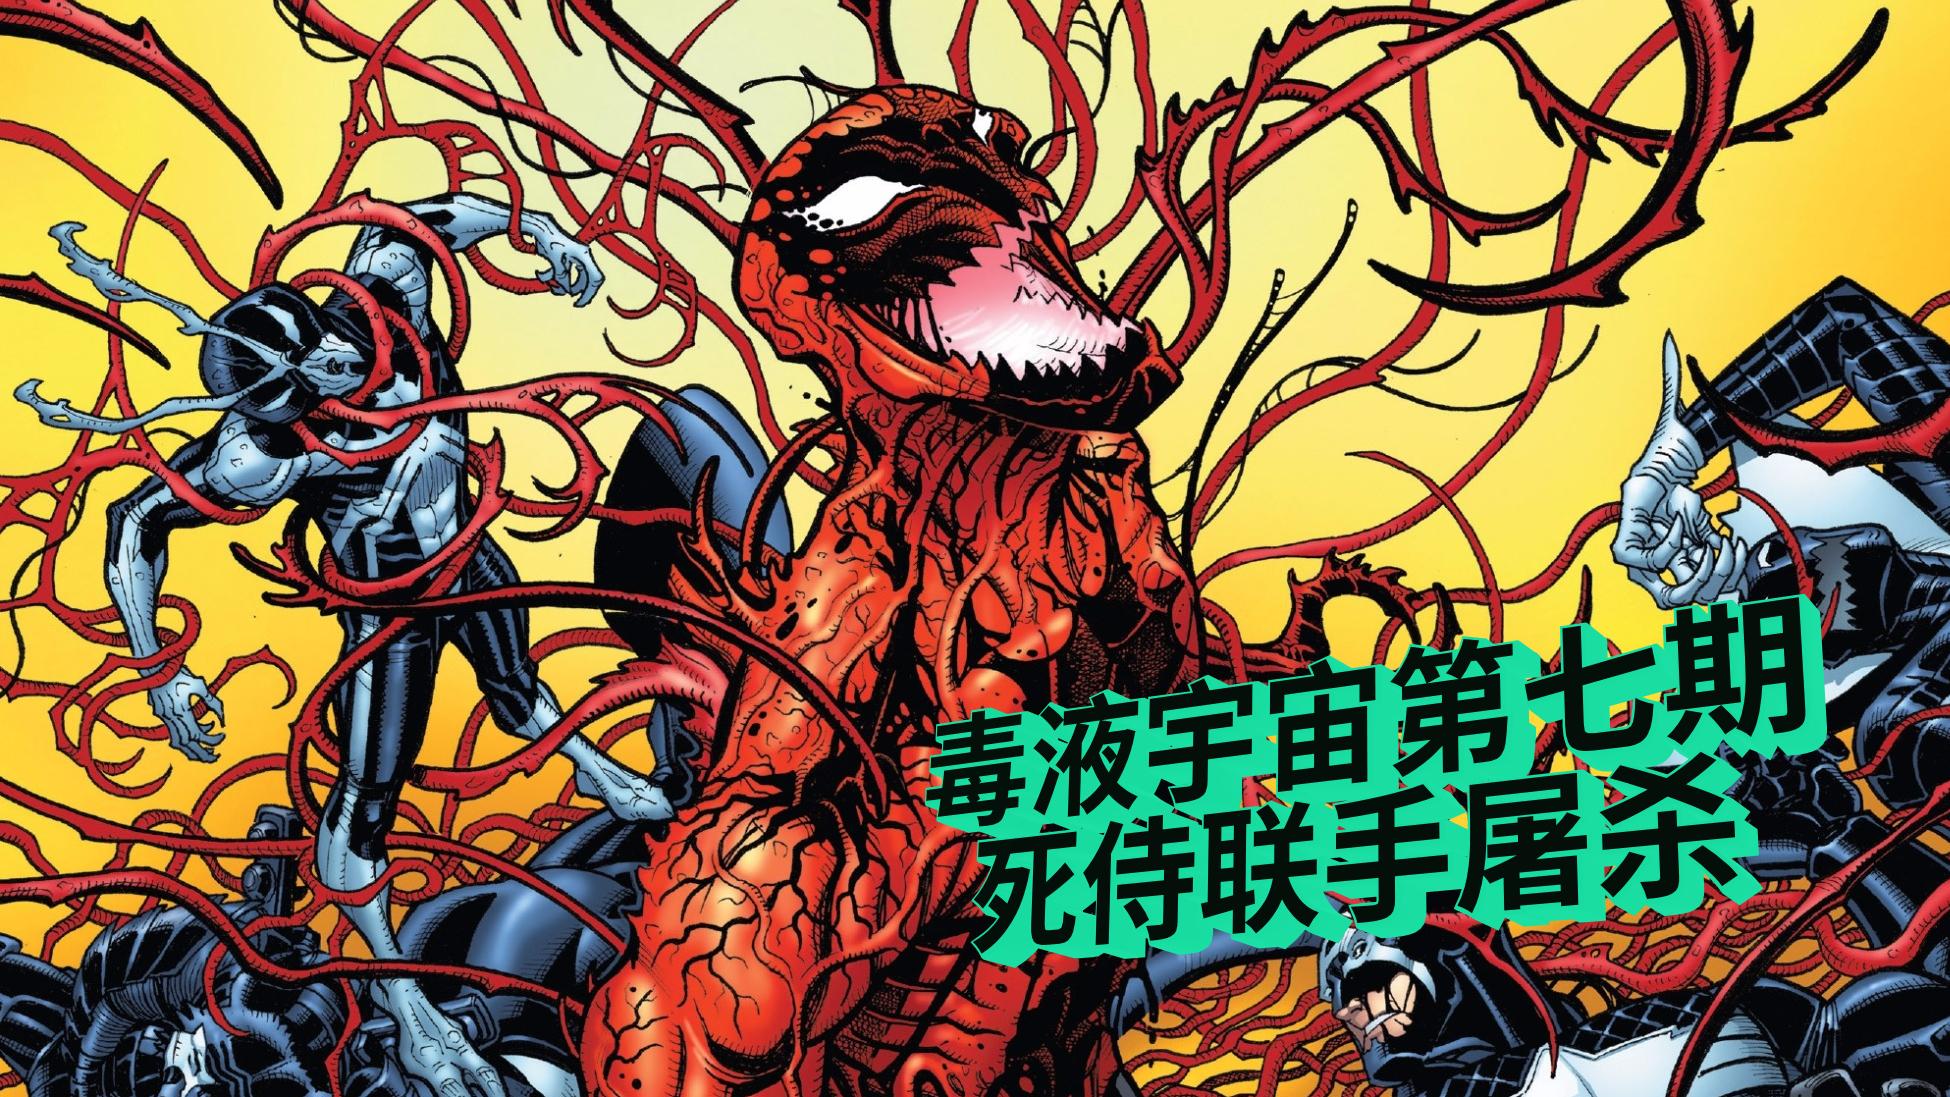 【毒液宇宙】第七期 反抗军击败格温侍,剑齿虎,死侍联手屠杀